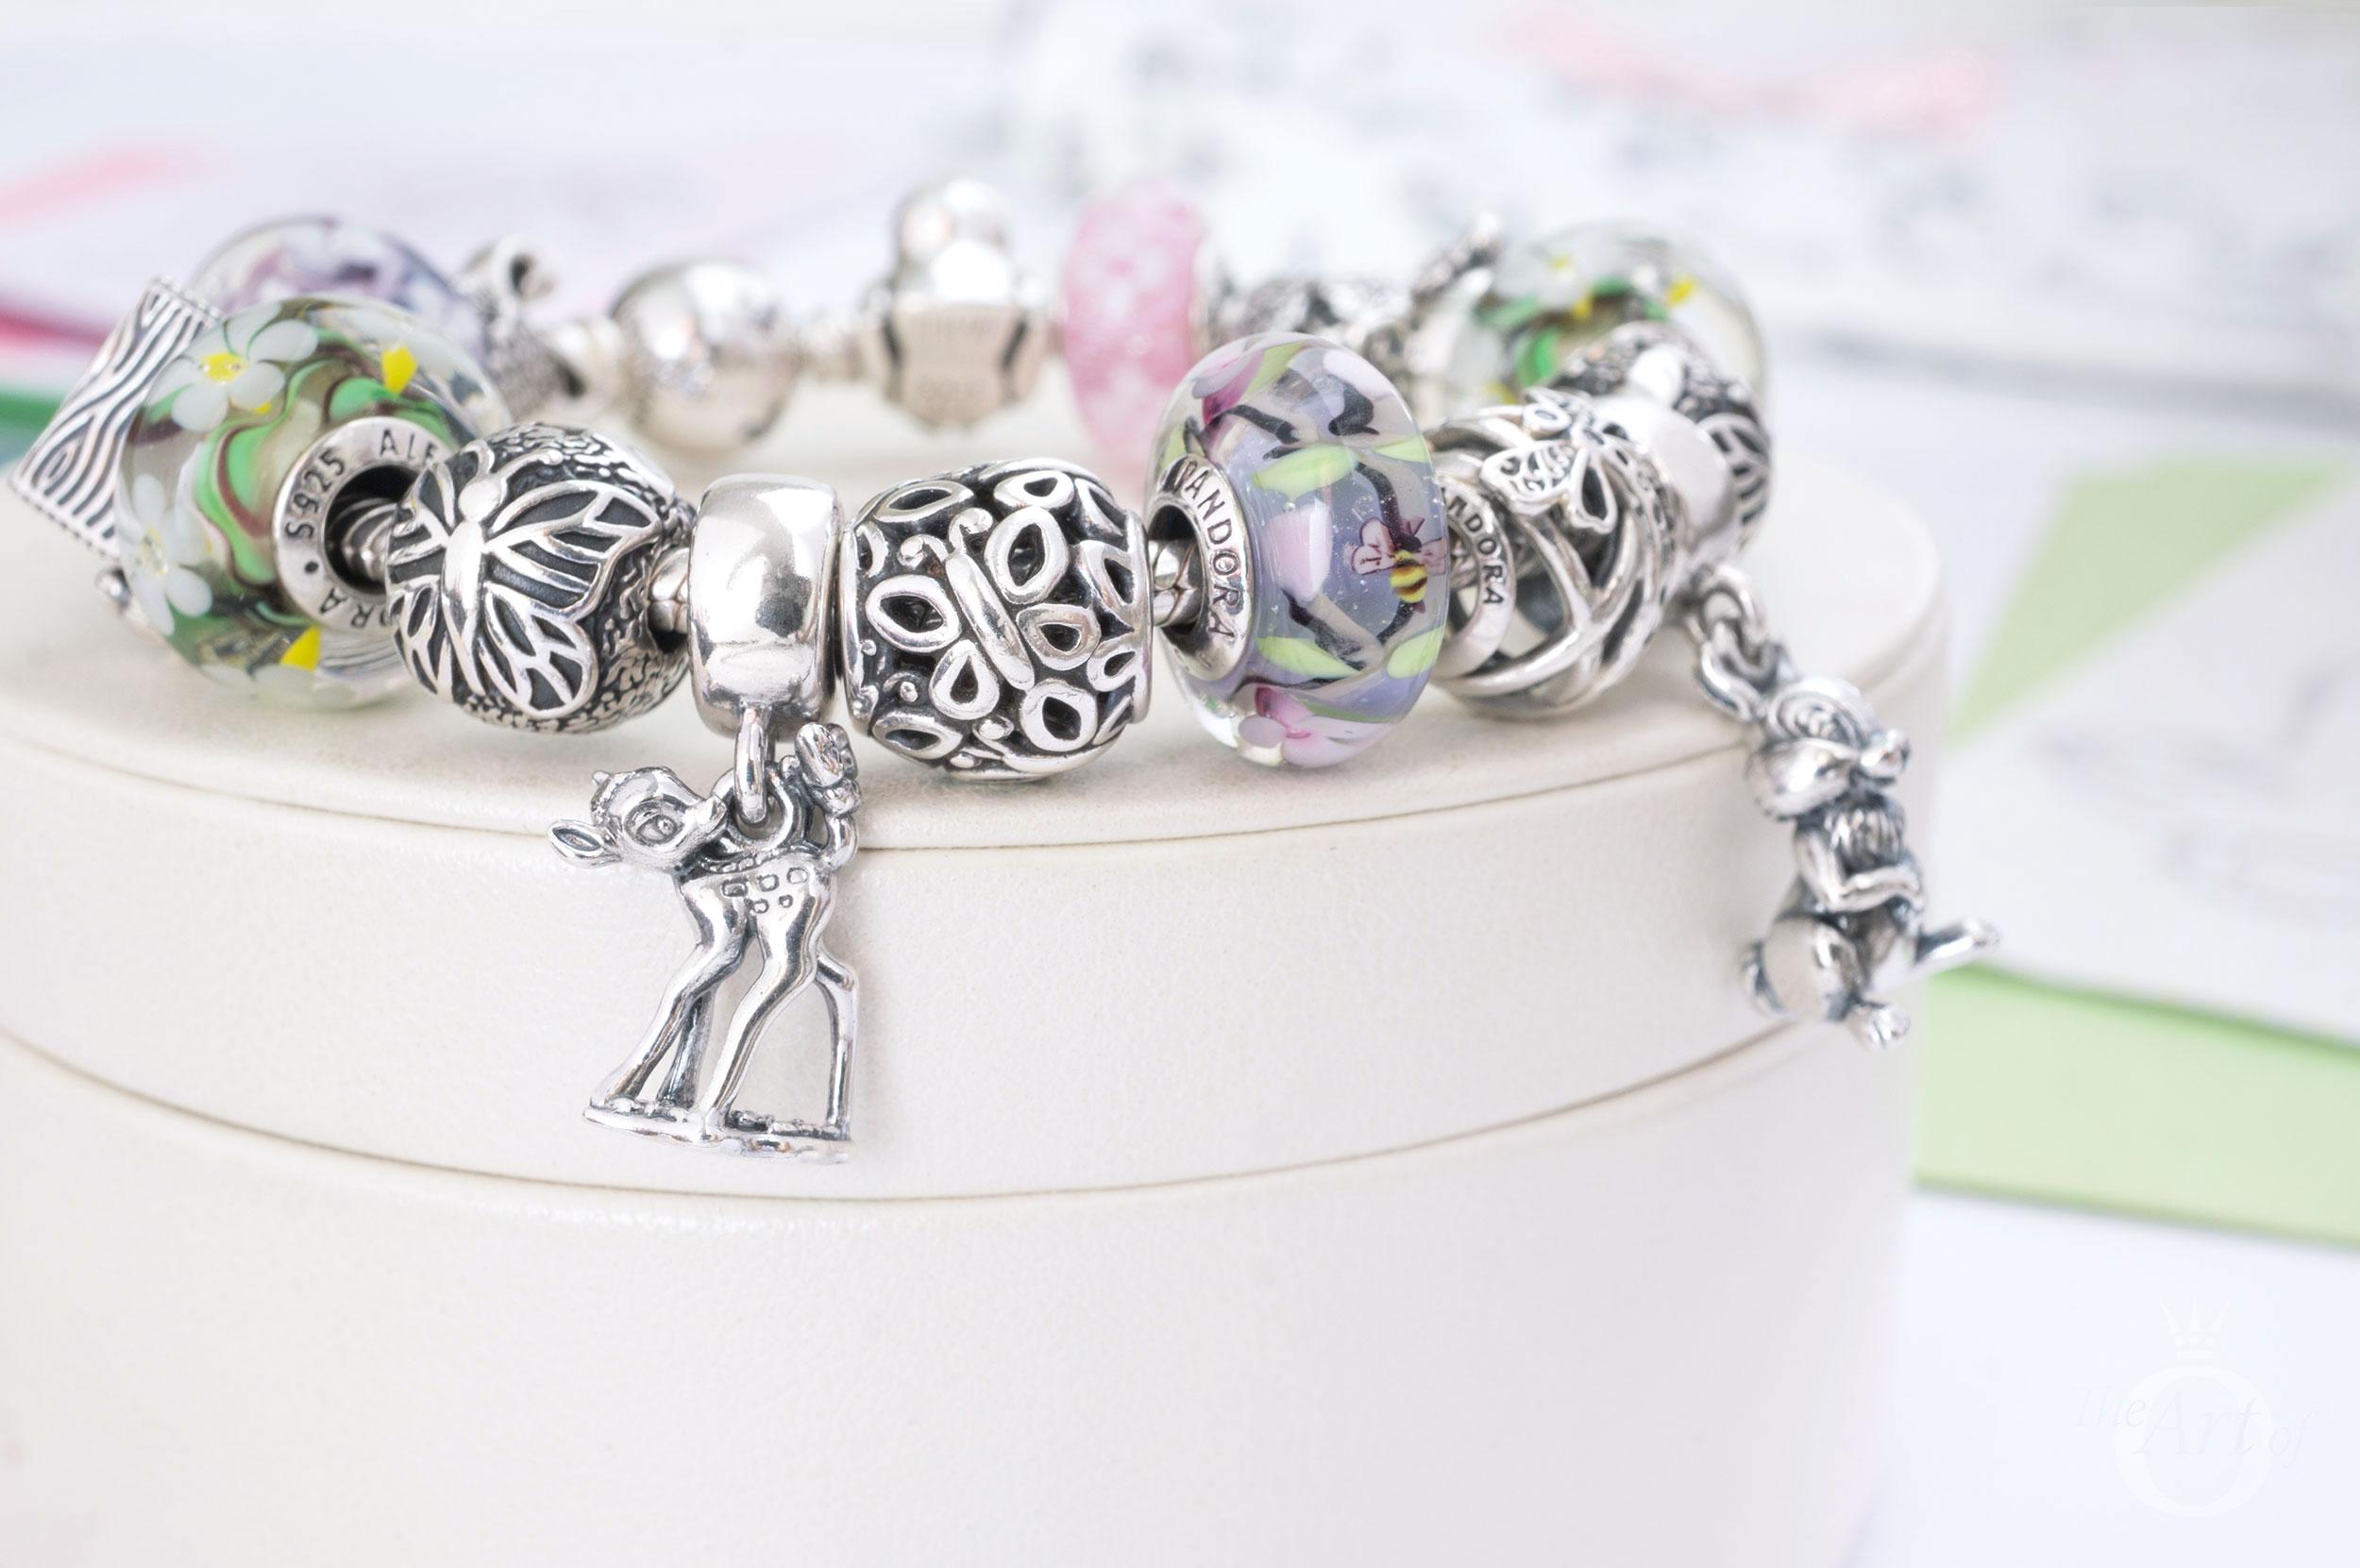 a08dd71e9 796342-796462-PANDORA-Thumper-Bambi-s1bl - The Art of Pandora | More ...